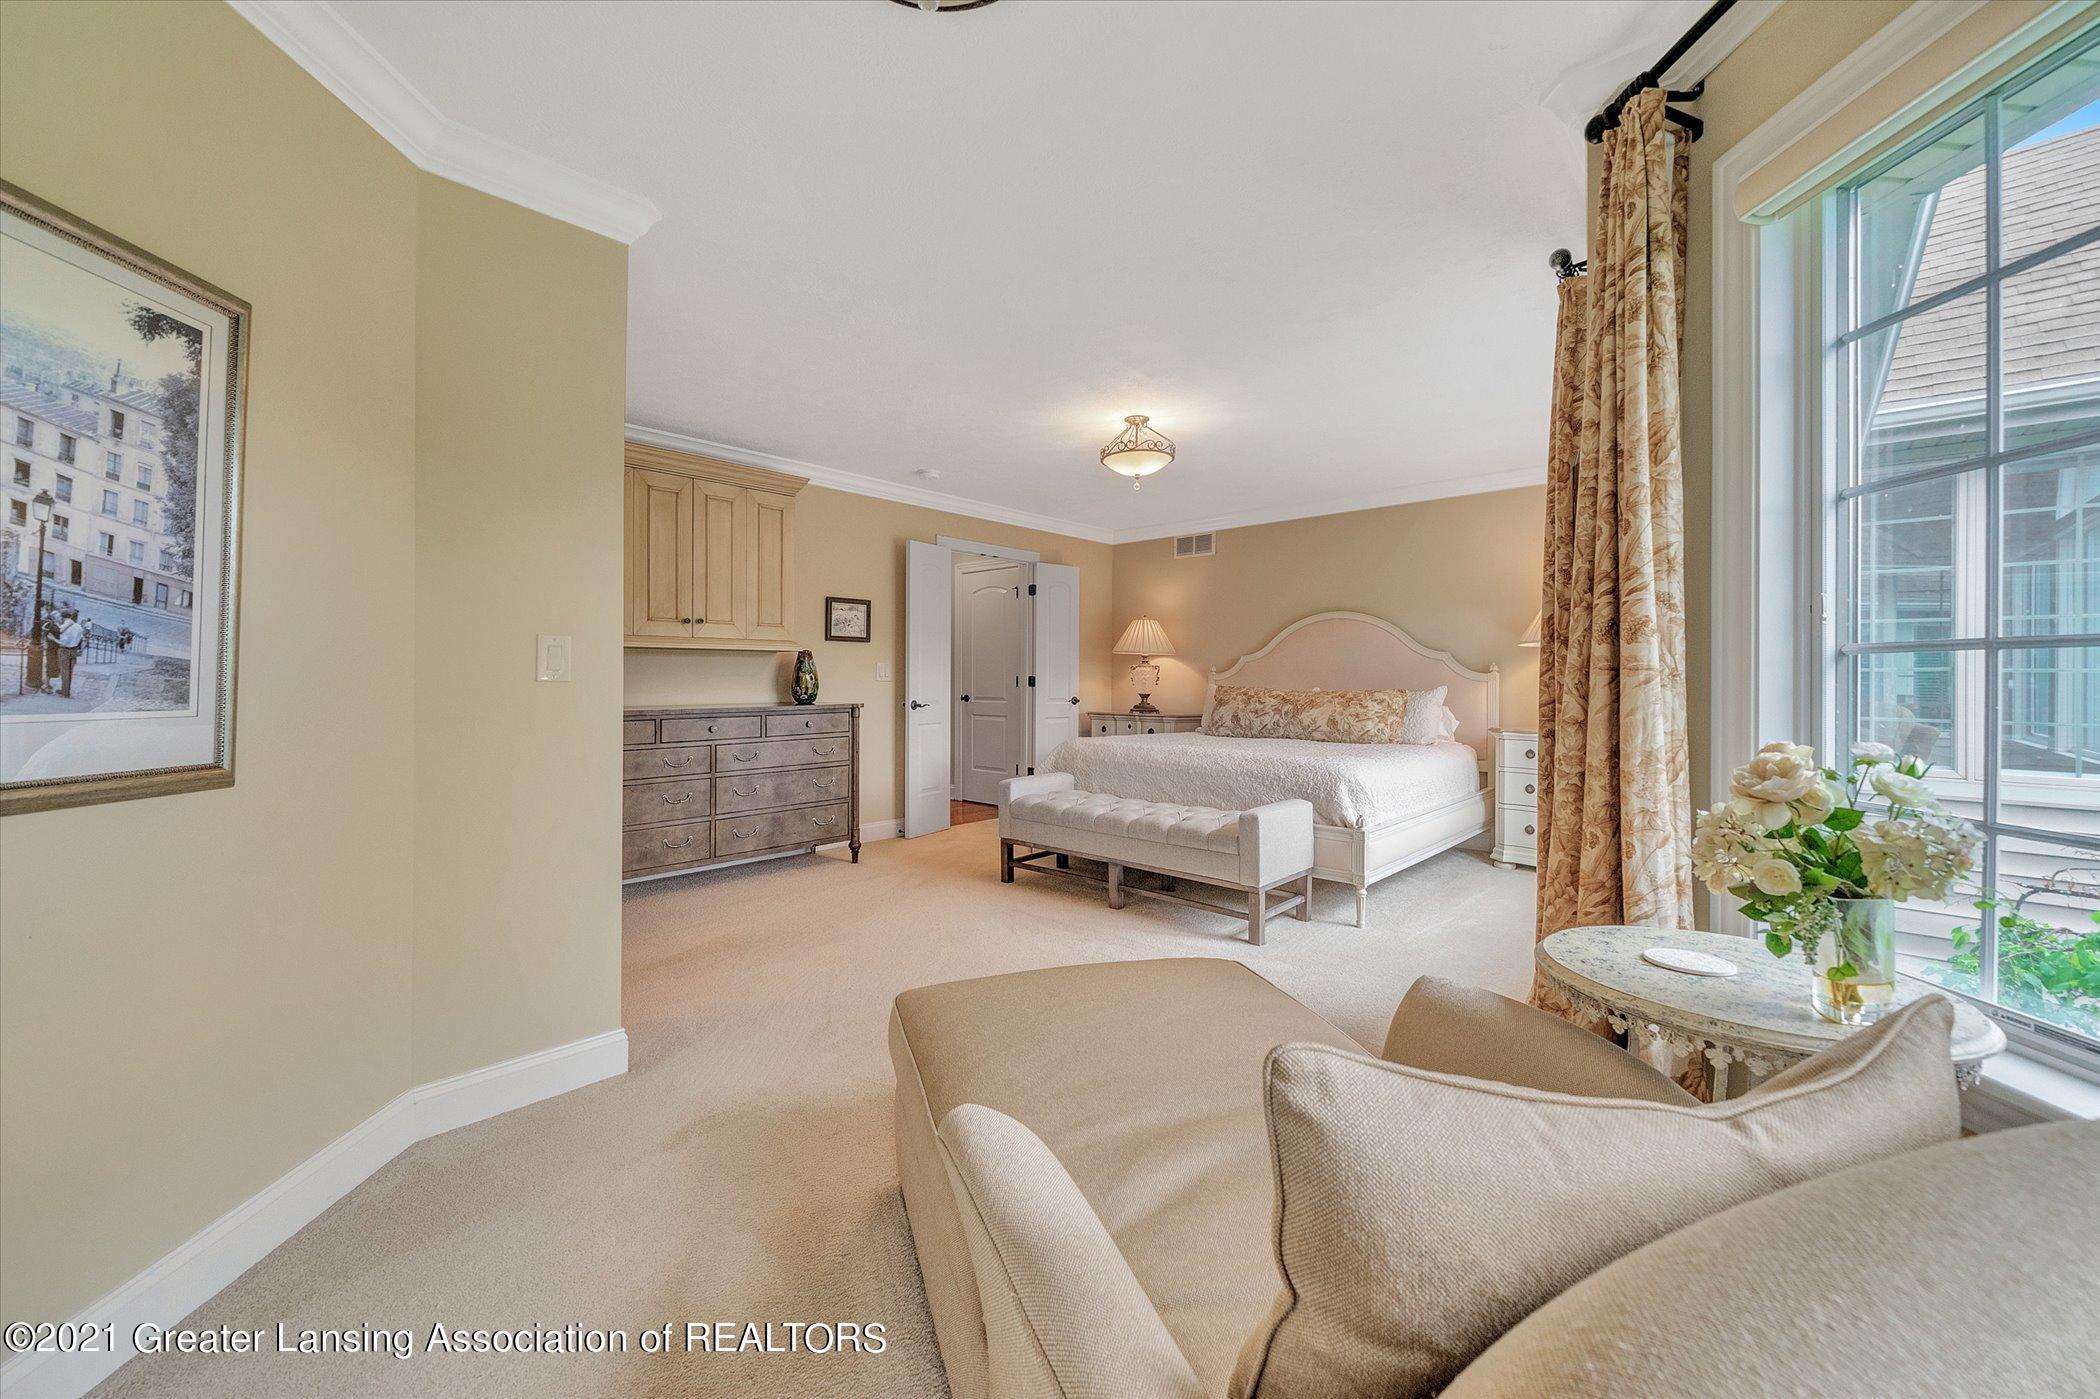 6330 Pine Hollow Dr - MAIN FLOOR Primary Bedroom - 27